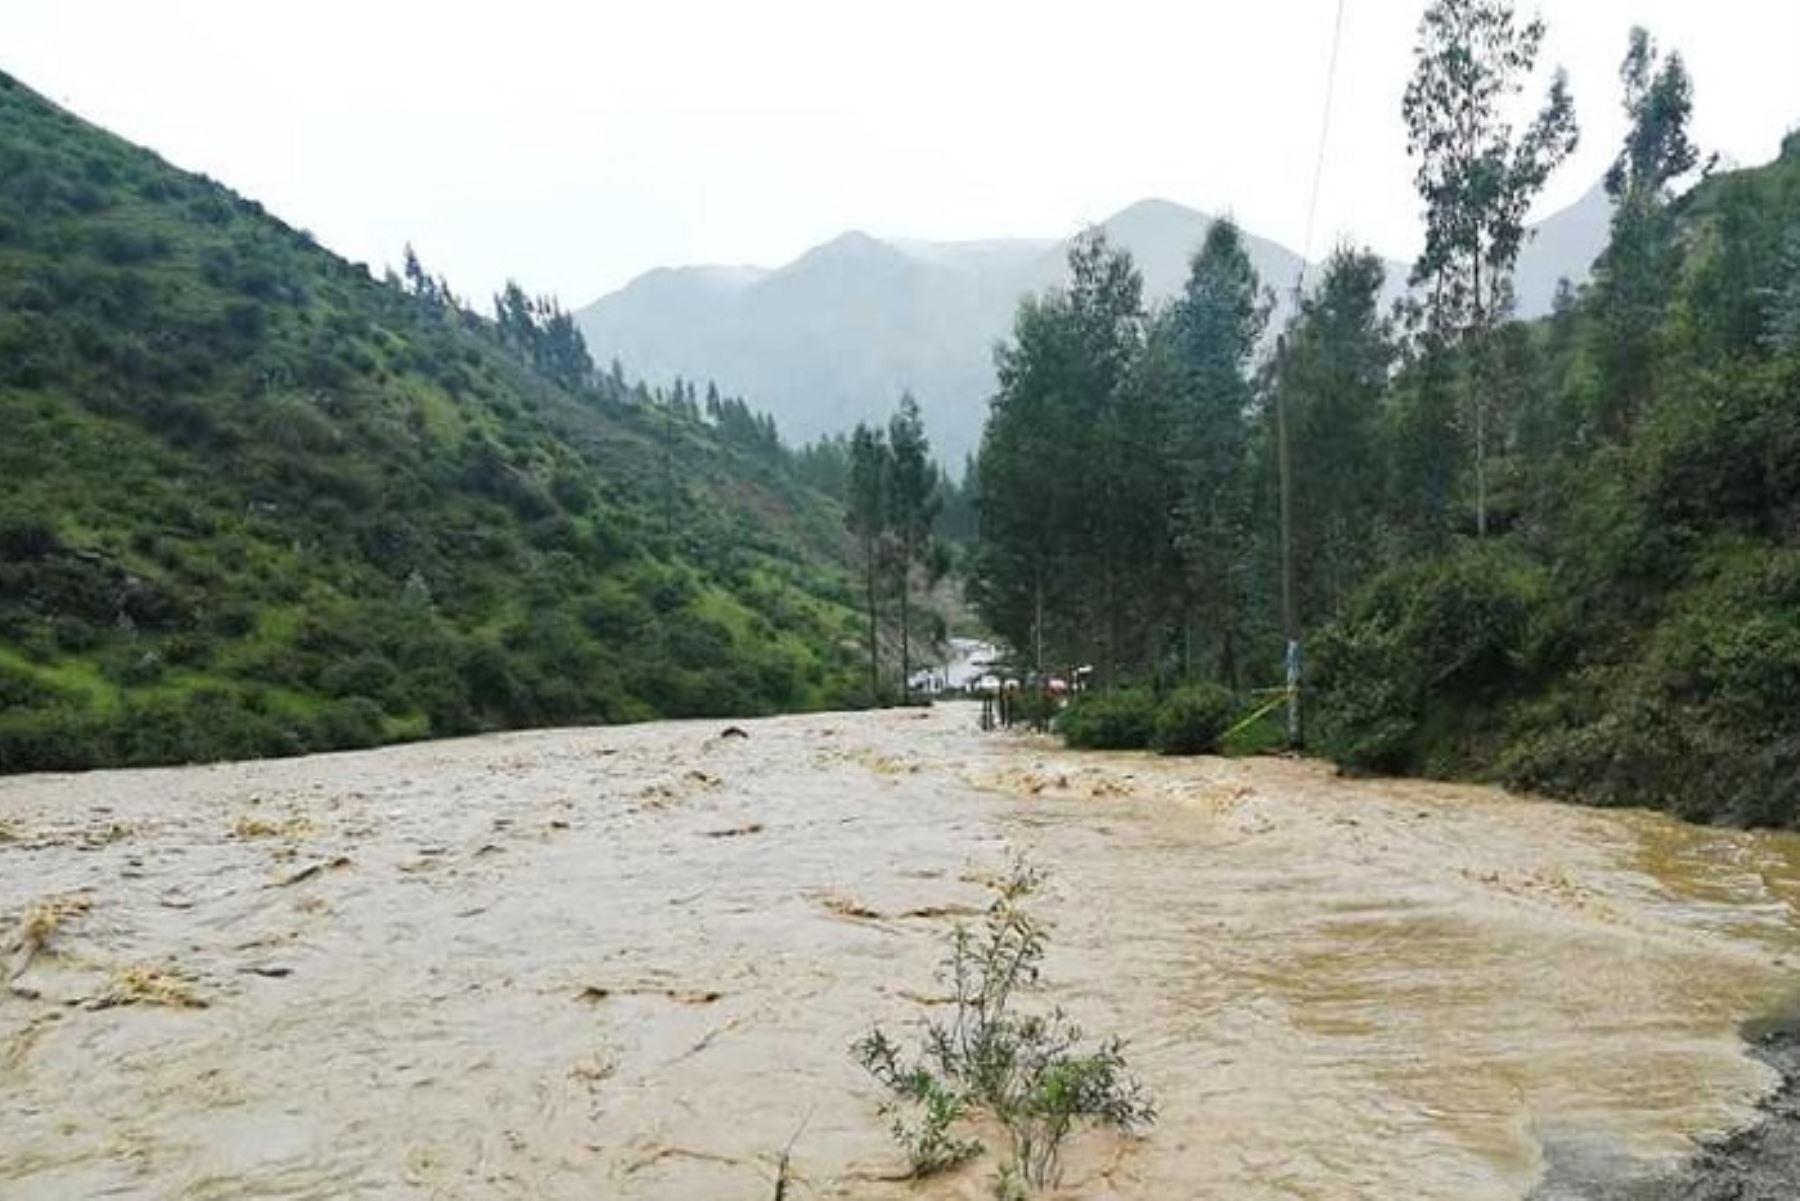 El río Huallaga viene mostrando en las últimas horas un comportamiento oscilante, ubicándose en alerta amarilla desde la víspera, informó el Servicio Nacional de Meteorología e Hidrología (Senamhi). ANDINA/Difusión